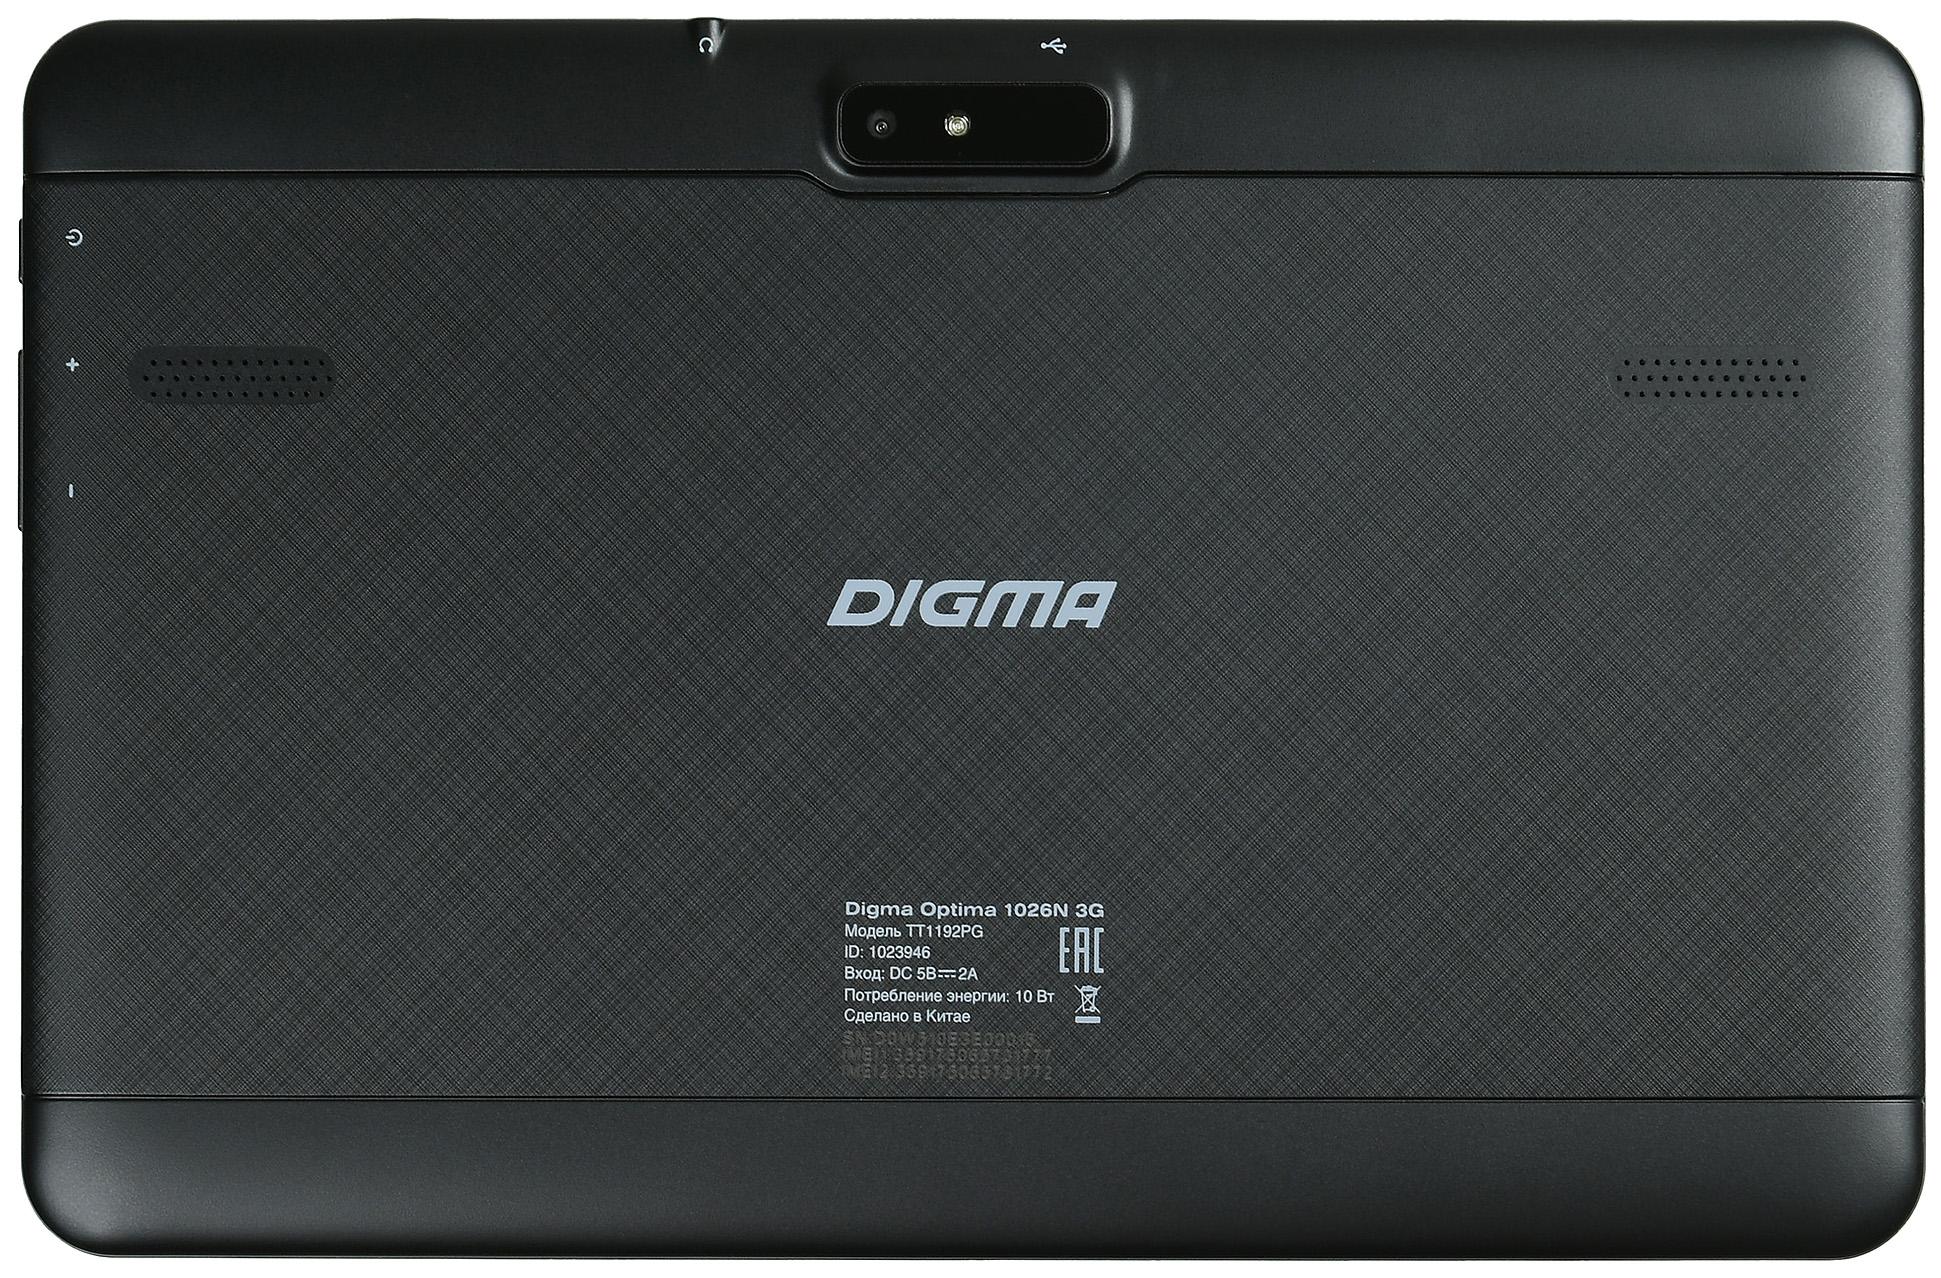 недавно все картинки планшета дигма всегда представляет собой